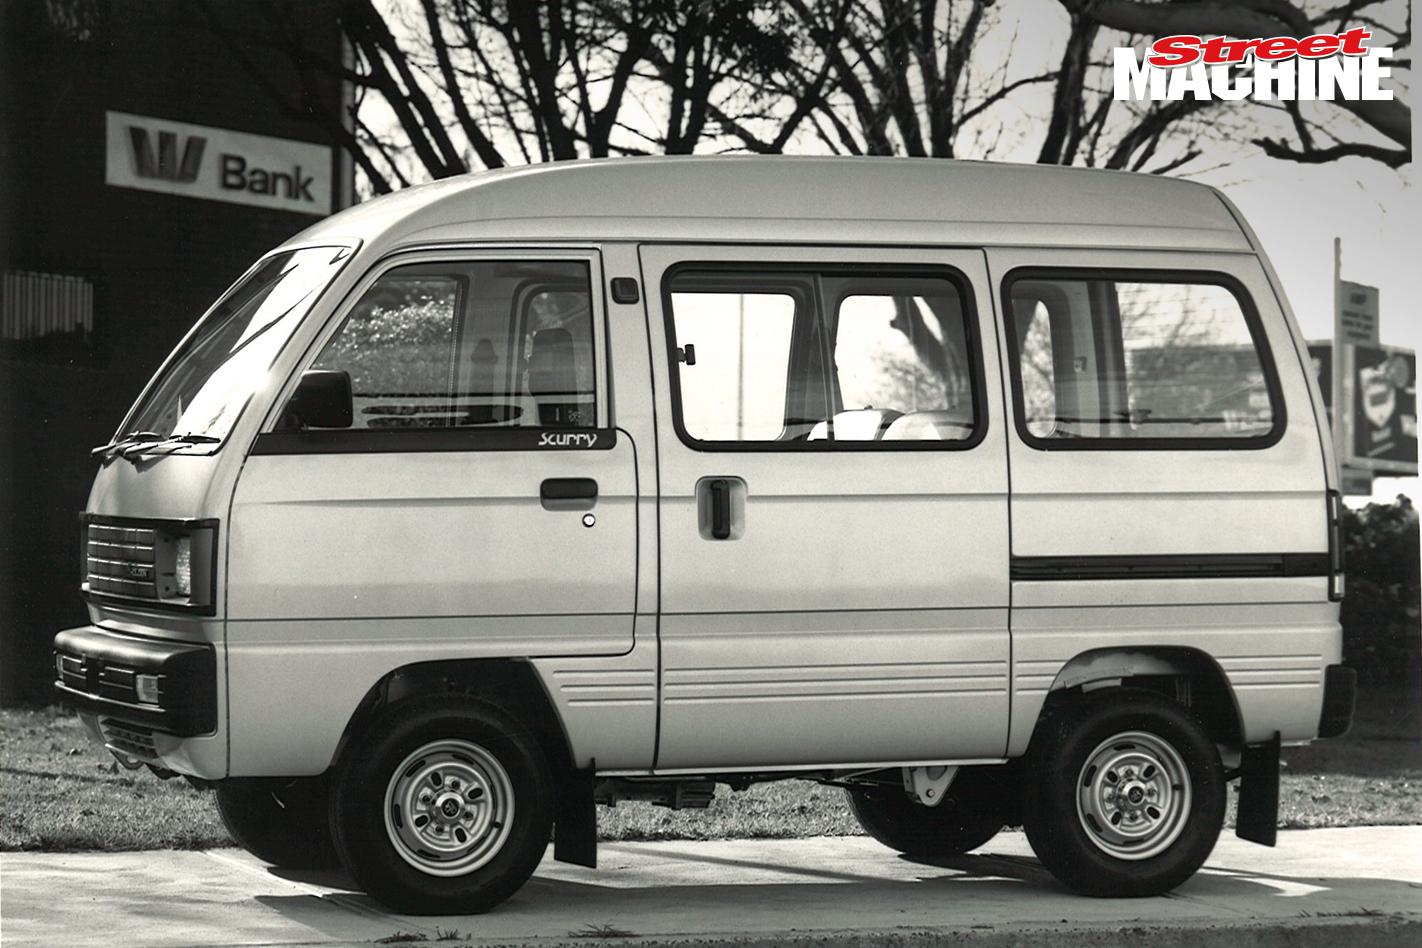 Scurry Van